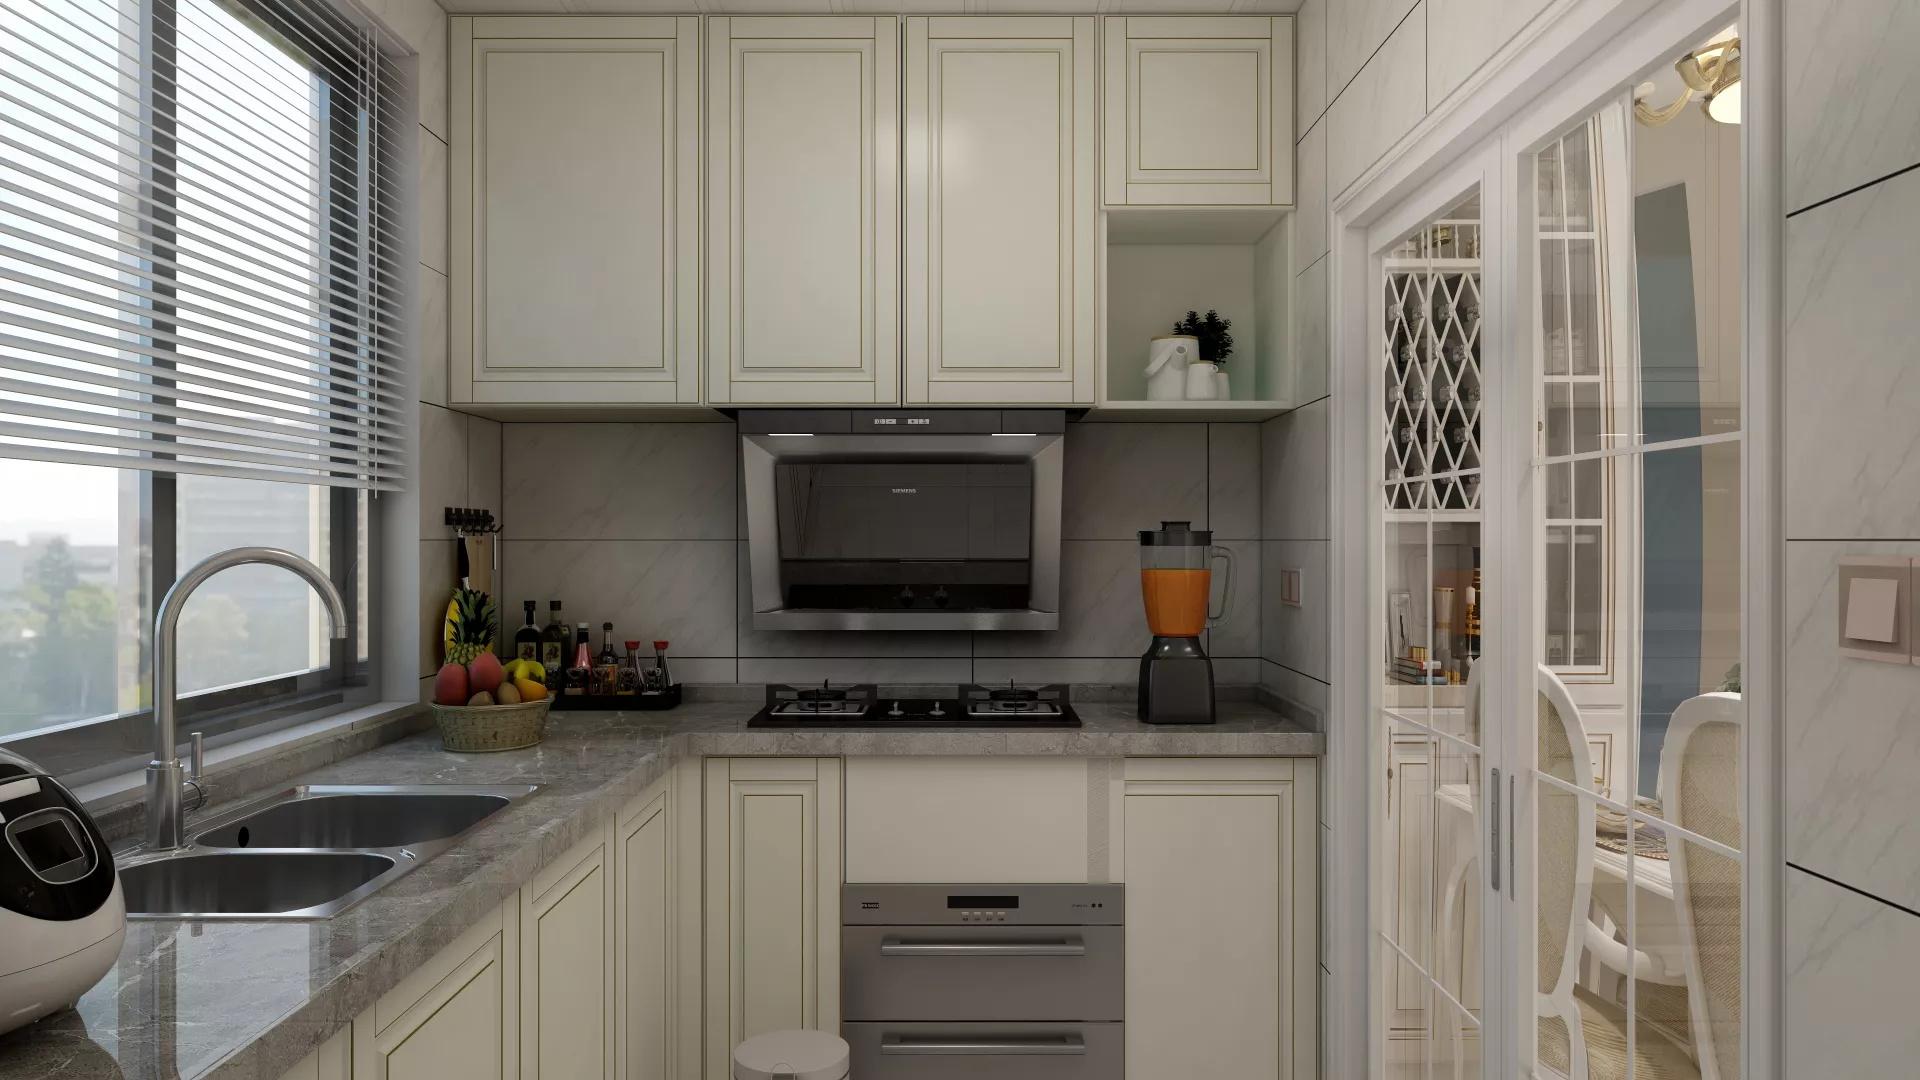 电表箱可以用什么装饰?电表箱装饰方法